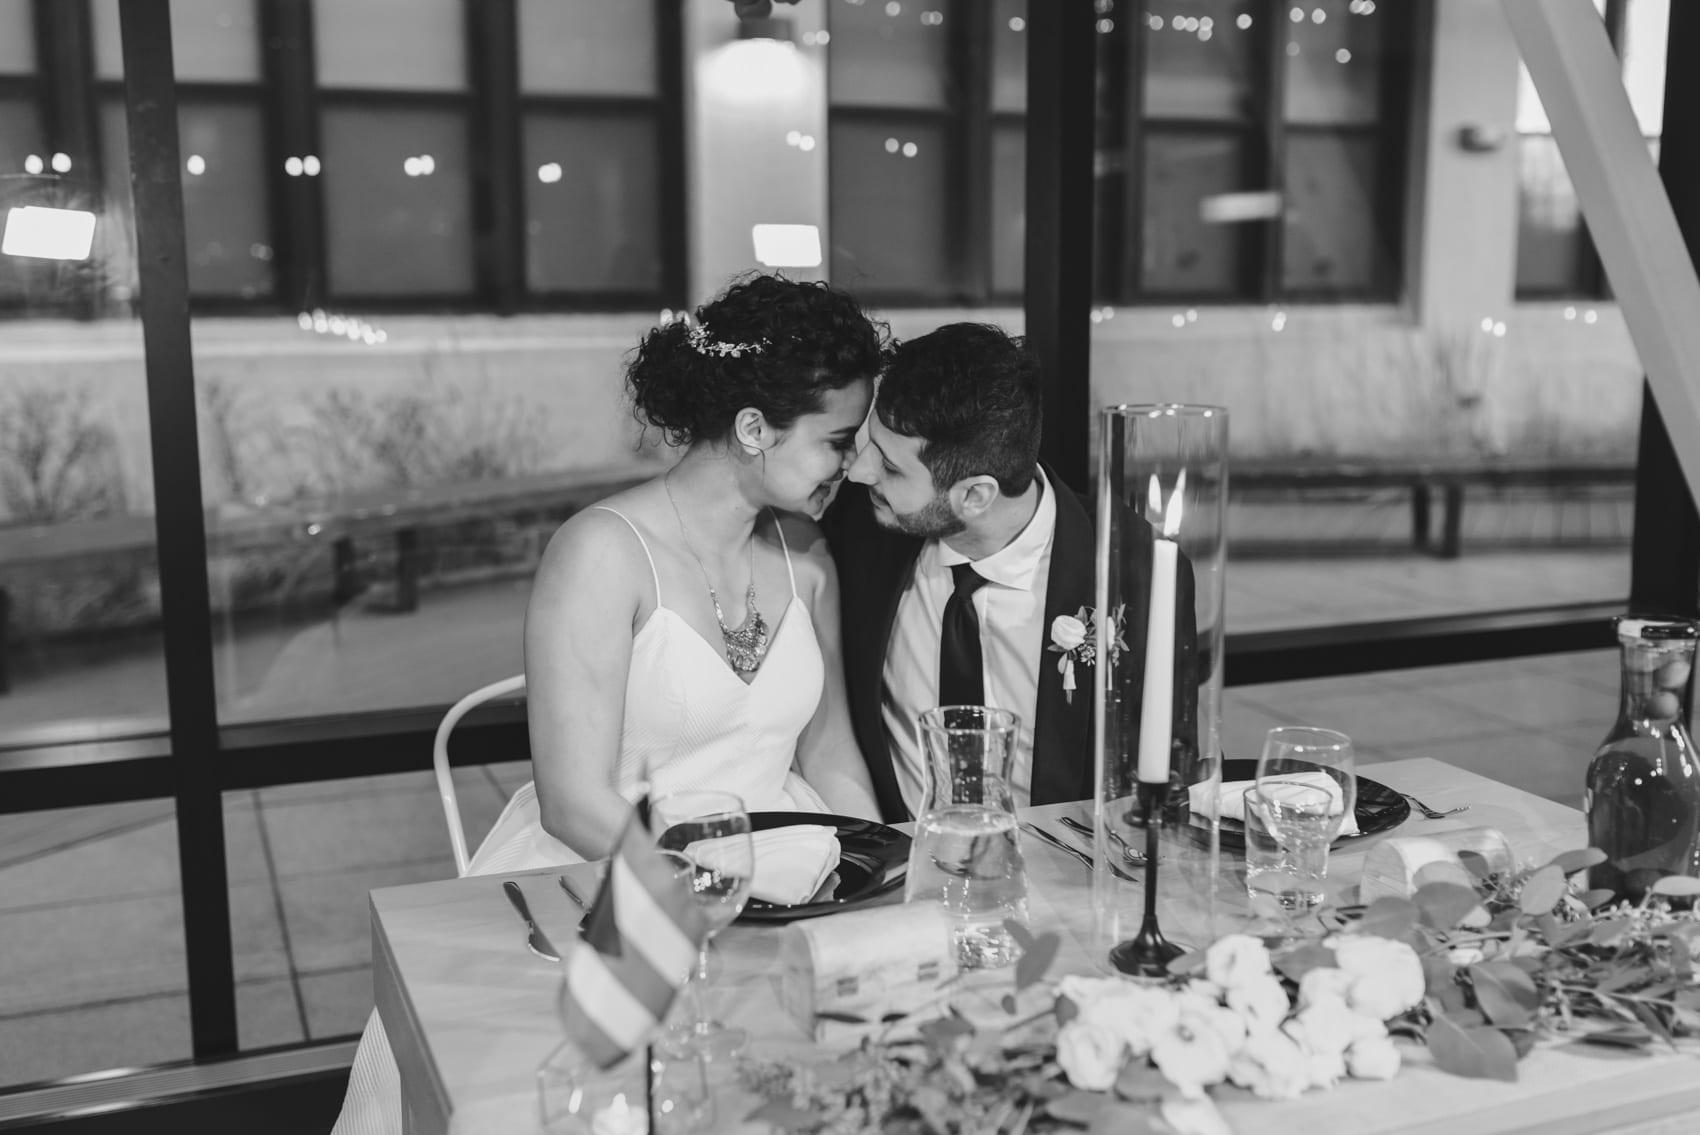 Thara Photo Chicago Engagement Wedding Photographer Greenhouse Loft